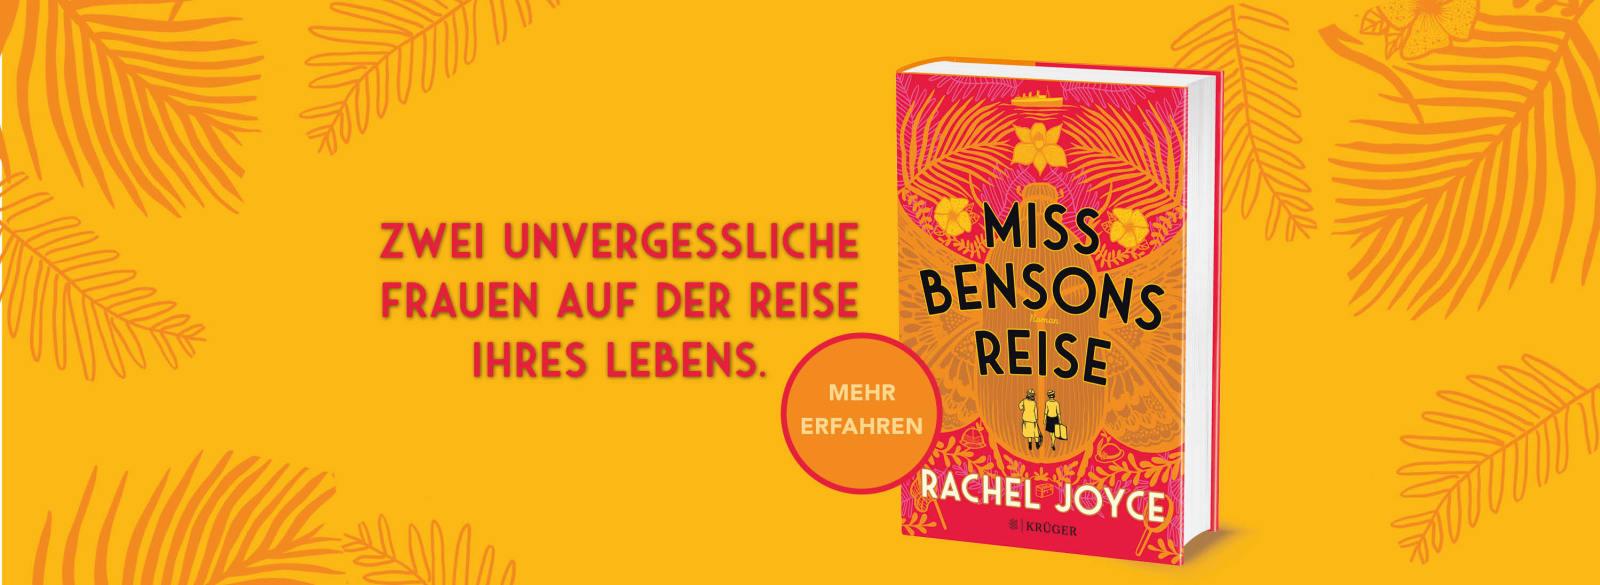 Grafik für Miss Bensons Reise mit Cover